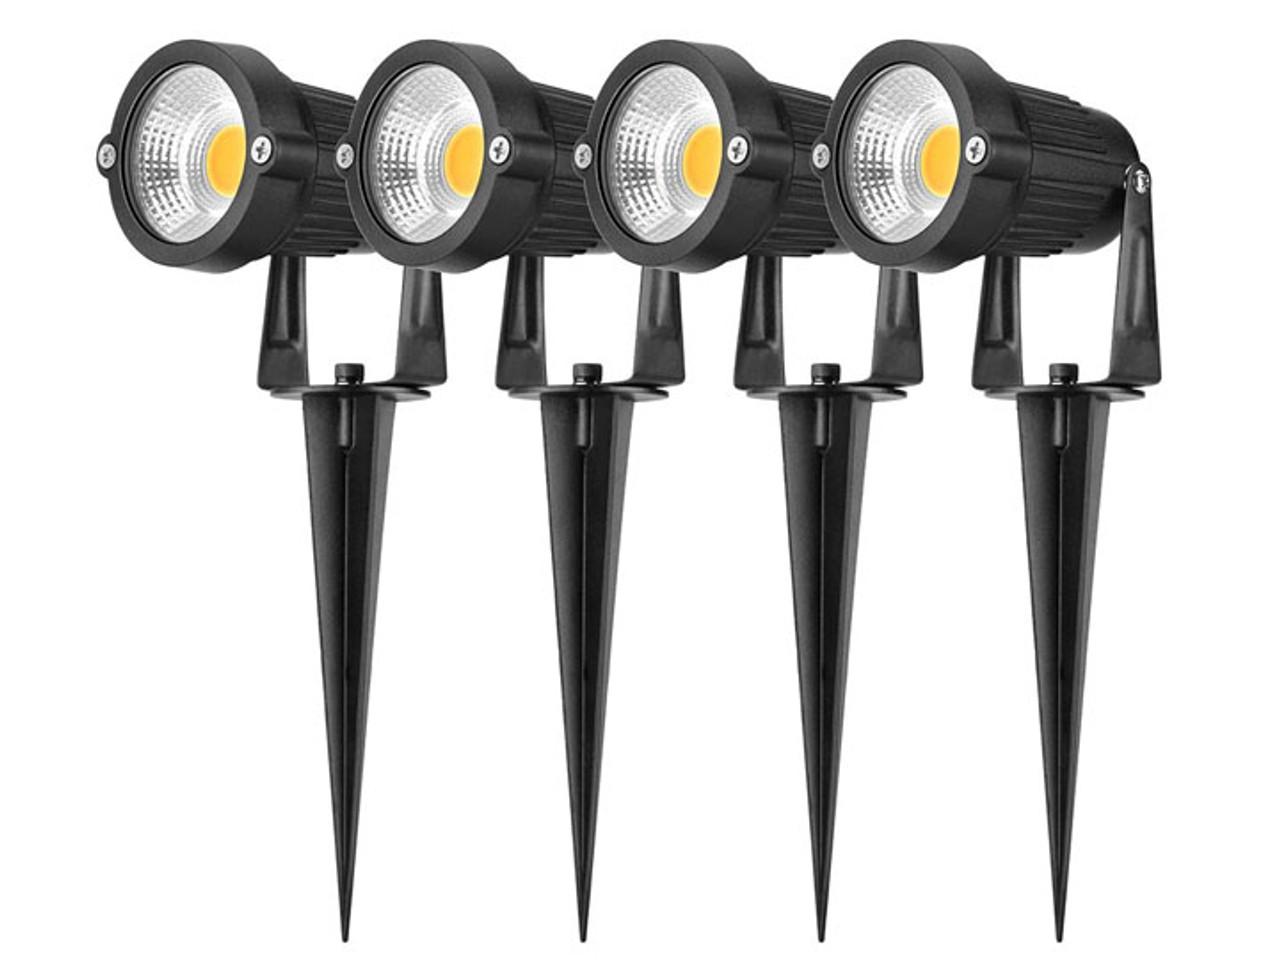 4-Pack Altatac Waterproof 5W Ultra-Bright LED Landscape Light